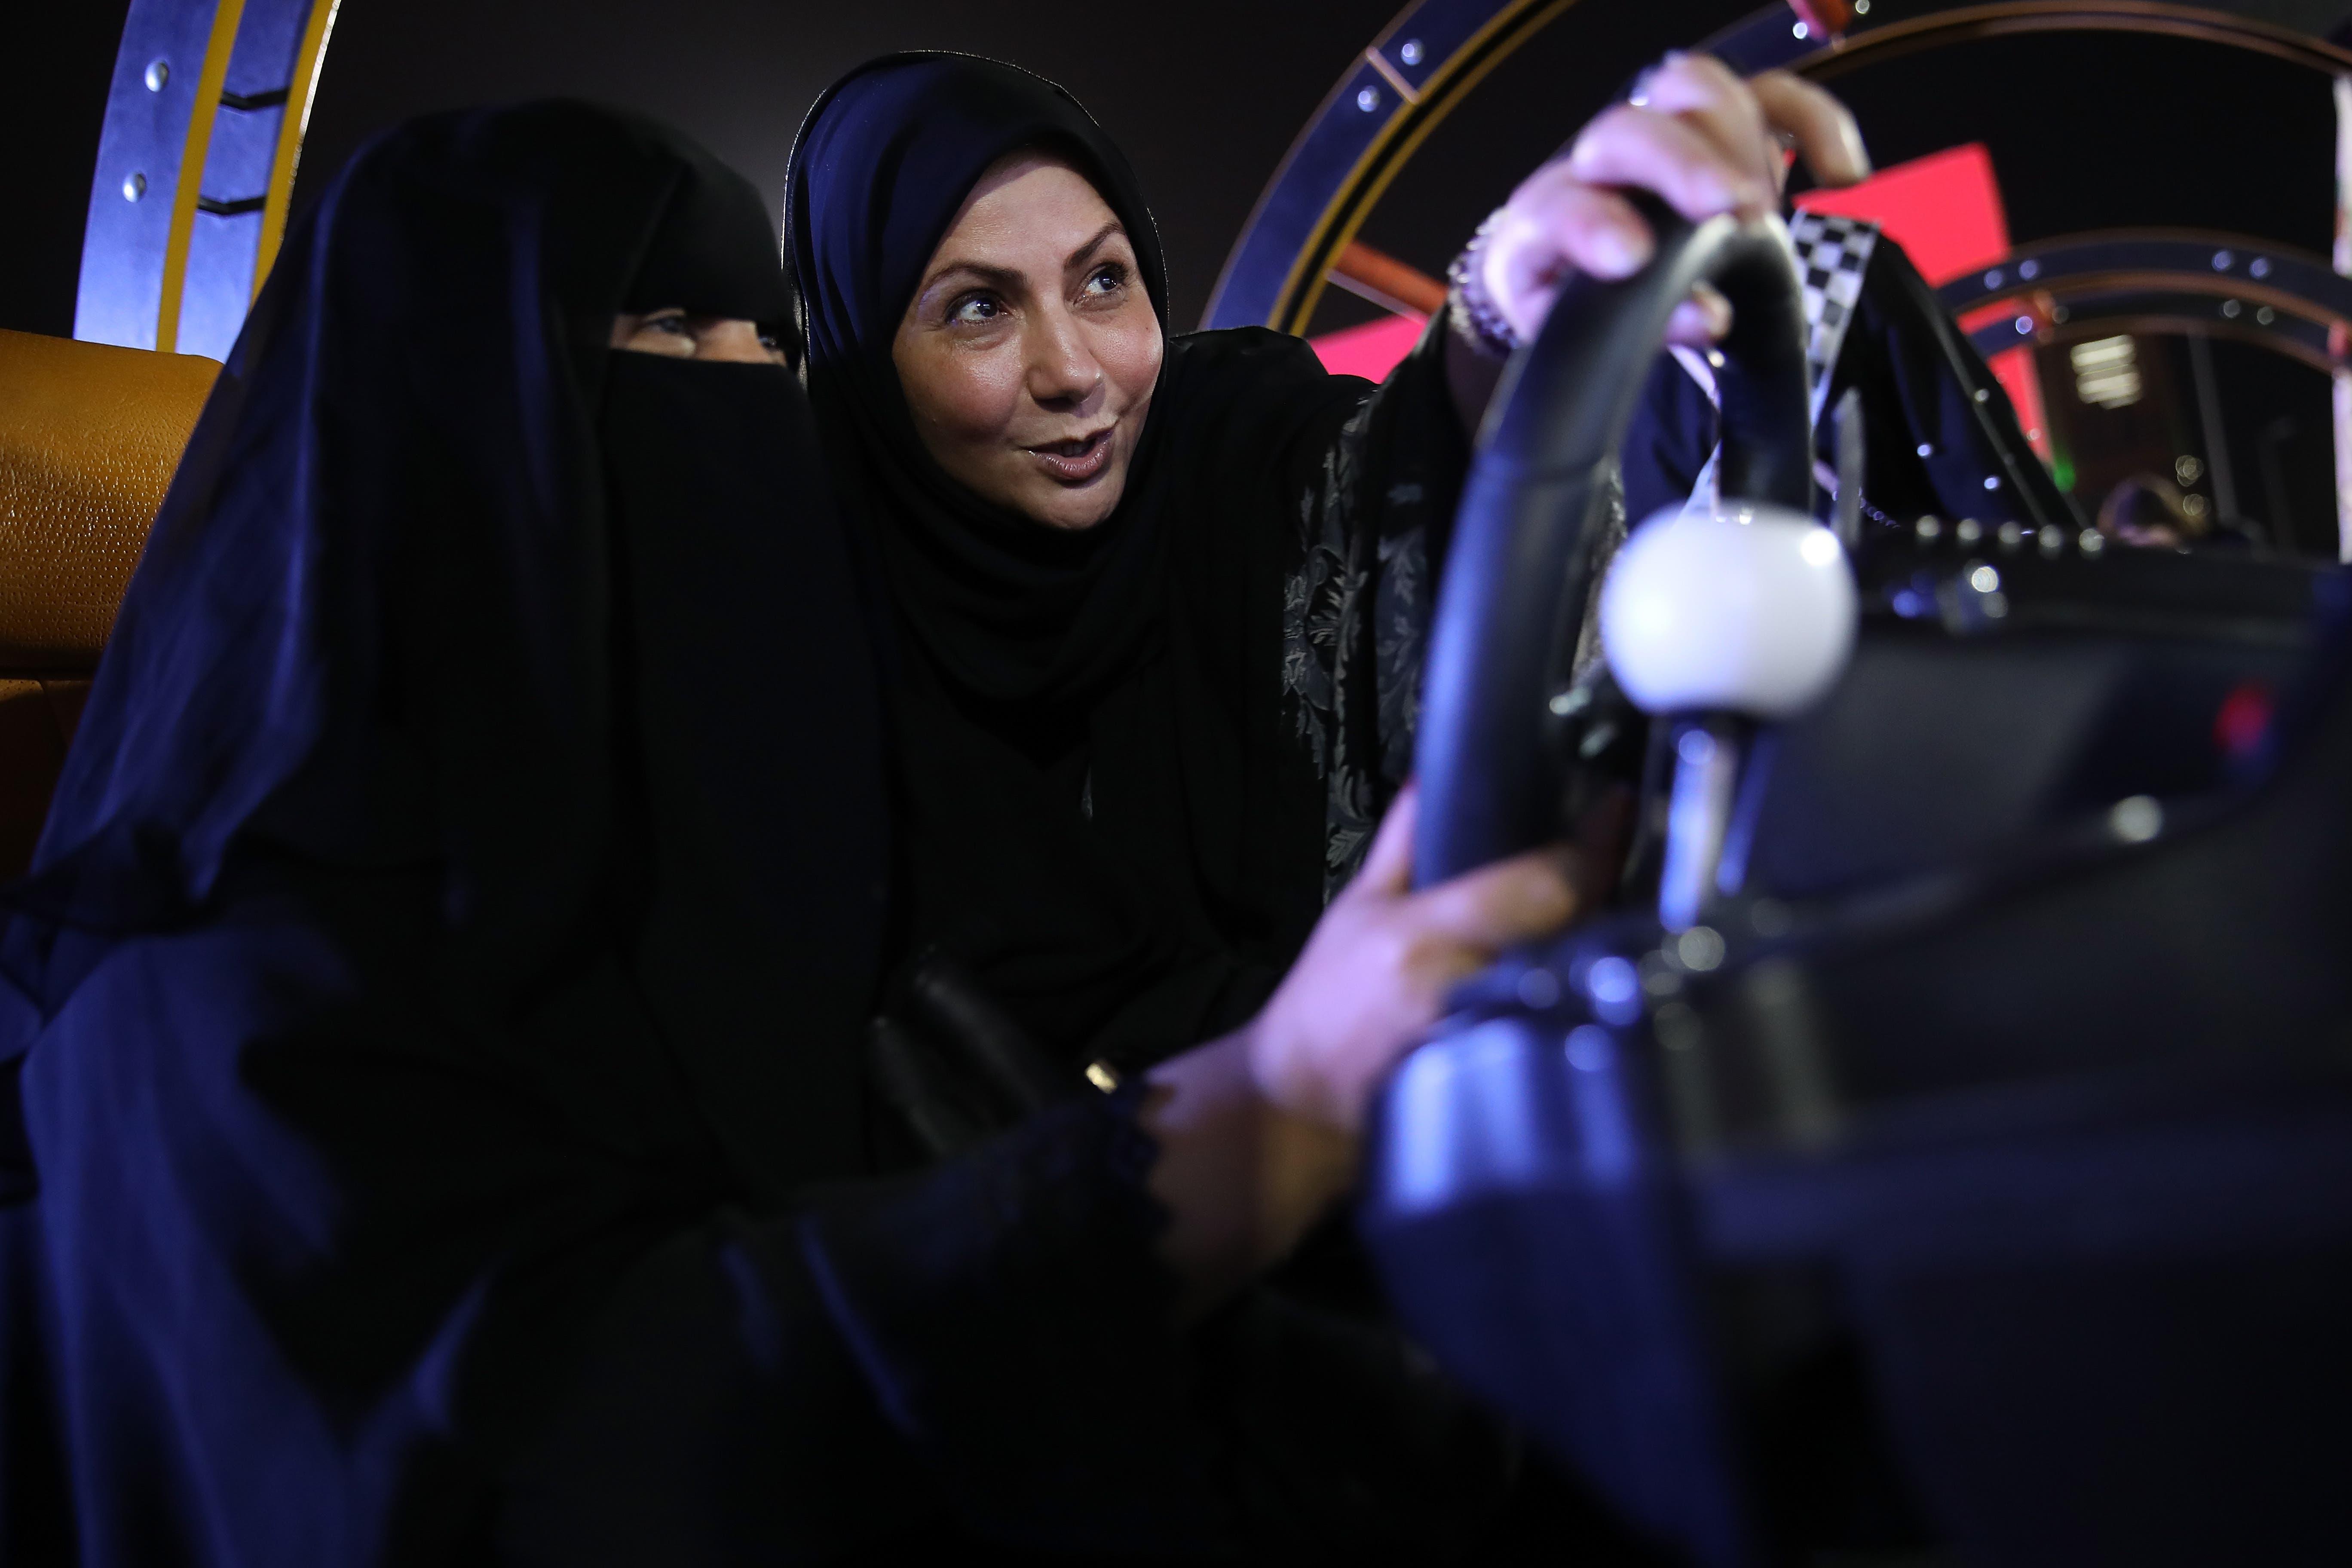 Eine Fahrlehrerin gibt einer arabischen Frau Fahrtipps.Bild: Sean Gallup/Getty (Jeddah, 21. Juni 2018)